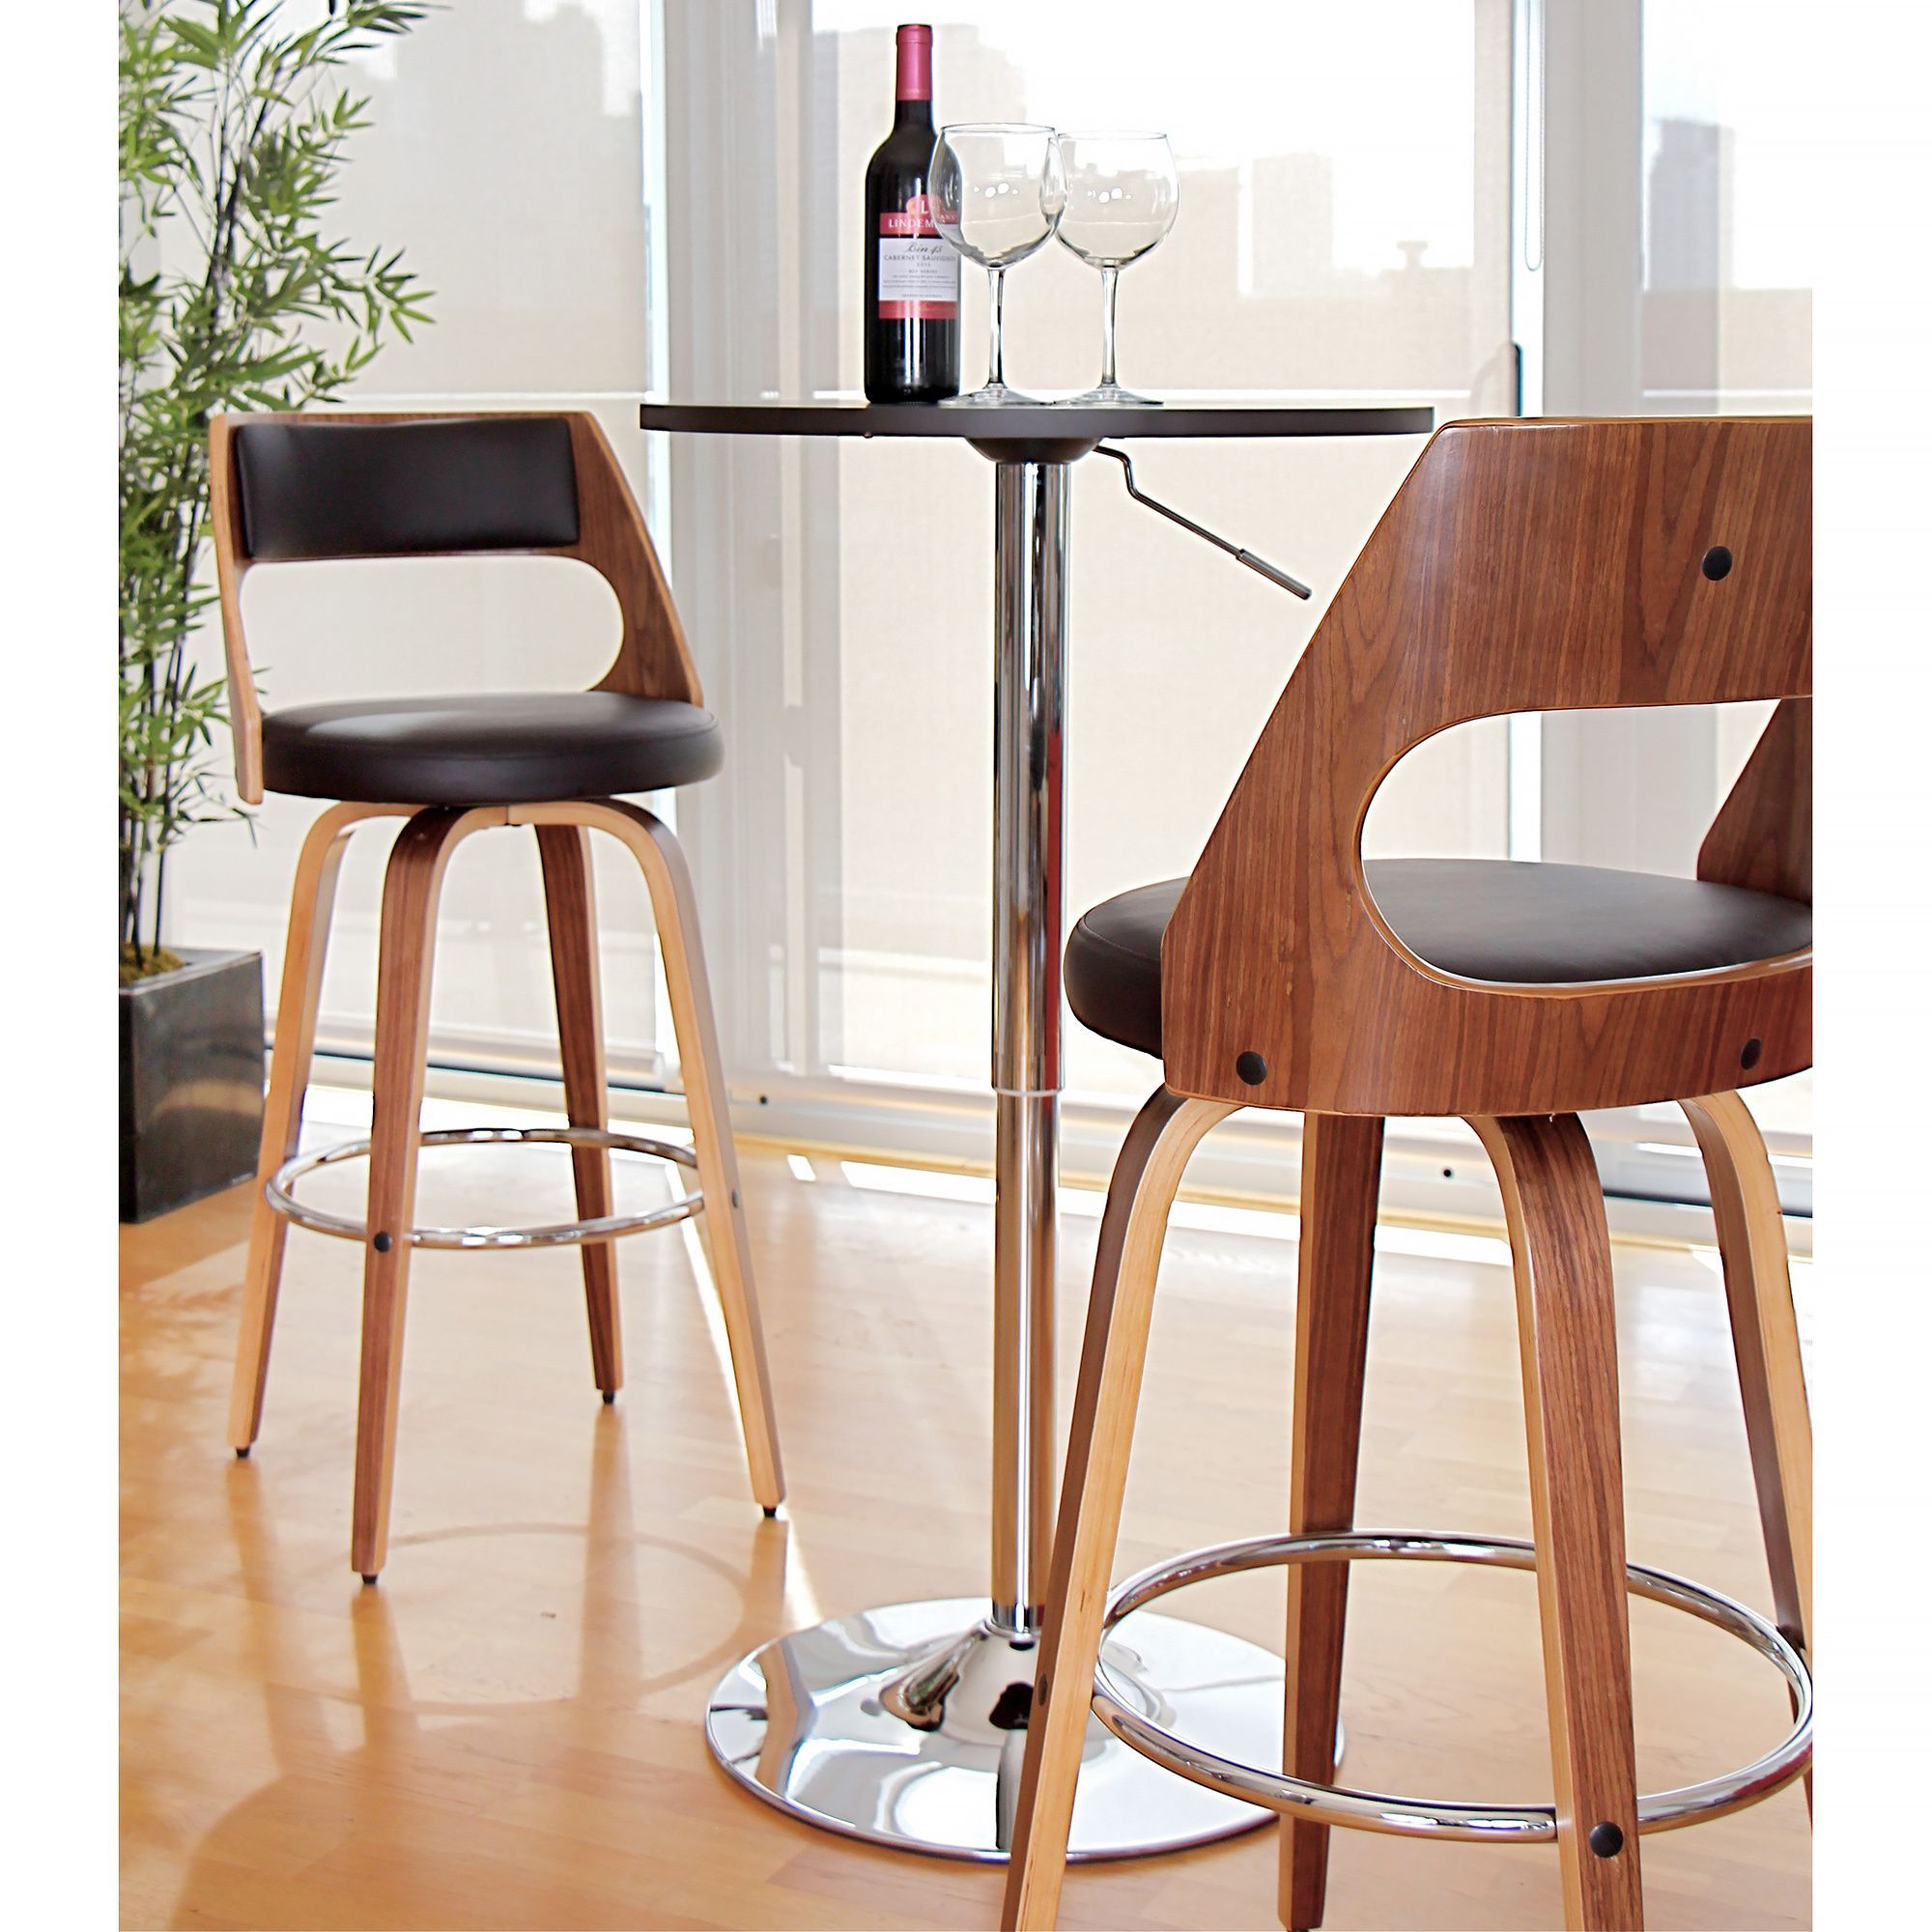 Cecina Mid century Modern Wood Barstool Footrest  : 7b4067be913b7f1cf4b08cc4704f97cc from www.pinterest.ca size 2000 x 2000 jpeg 366kB